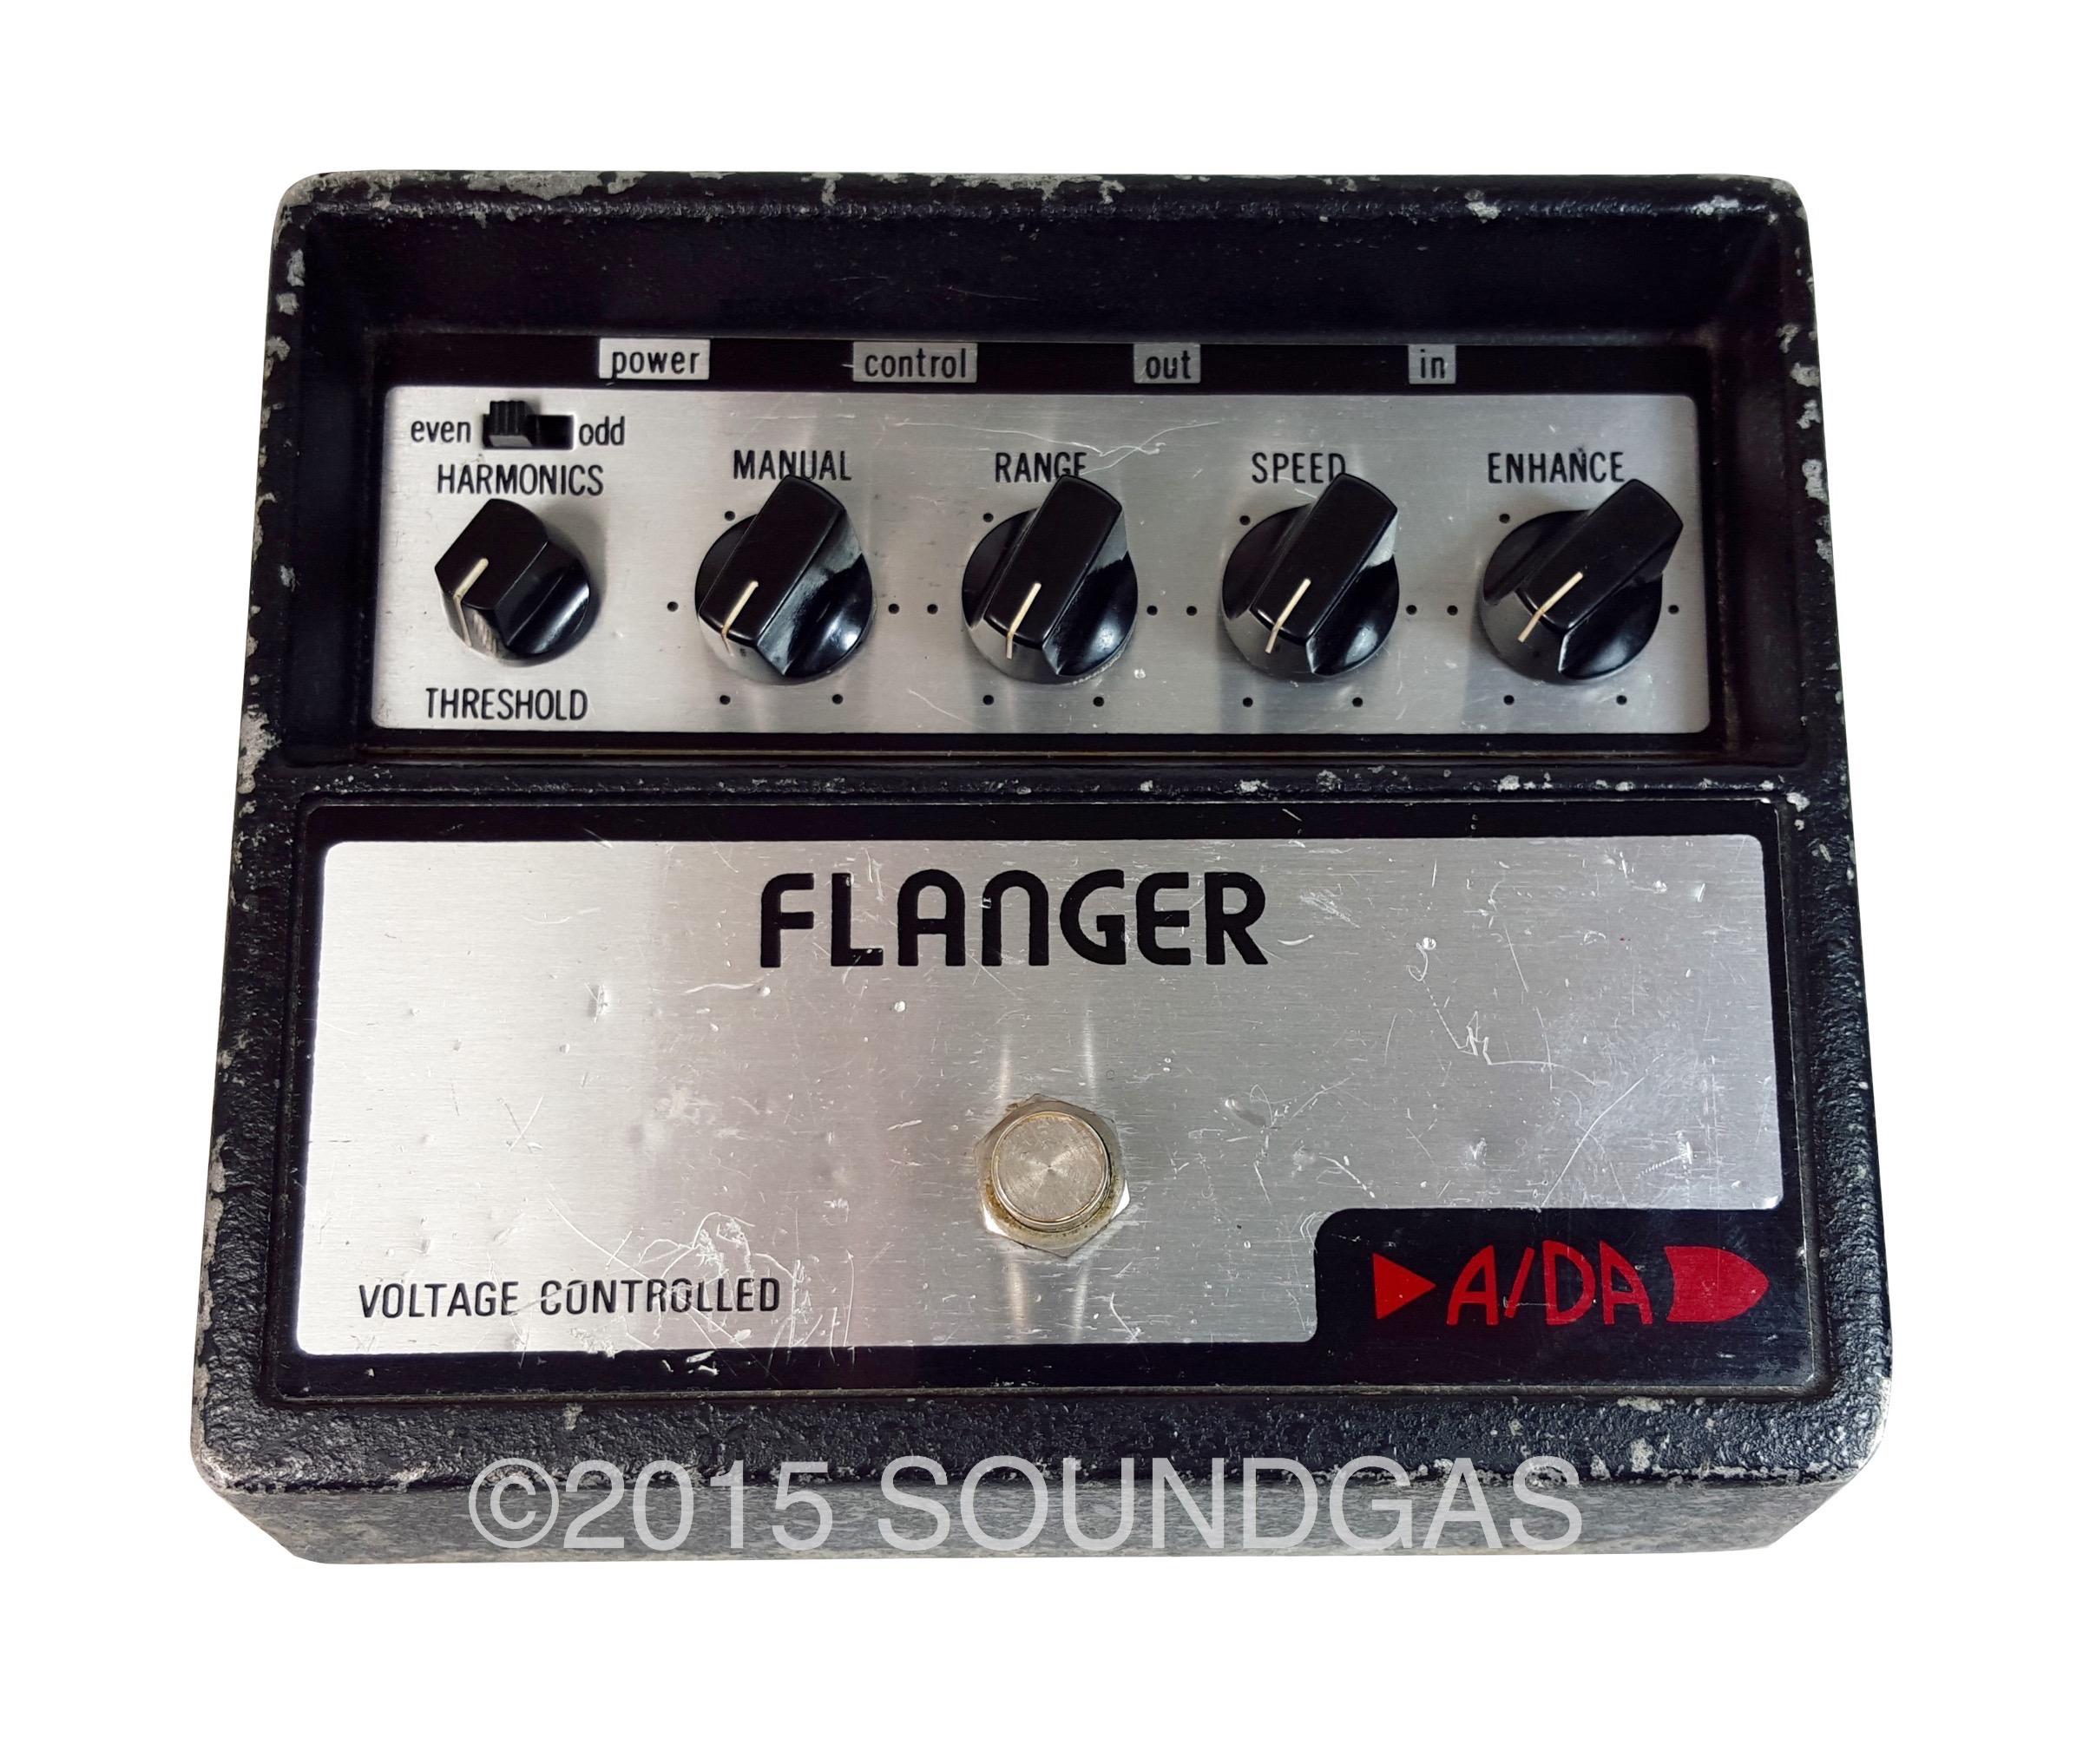 a da flanger 1970 39 s effect pedal for sale soundgas ltd. Black Bedroom Furniture Sets. Home Design Ideas